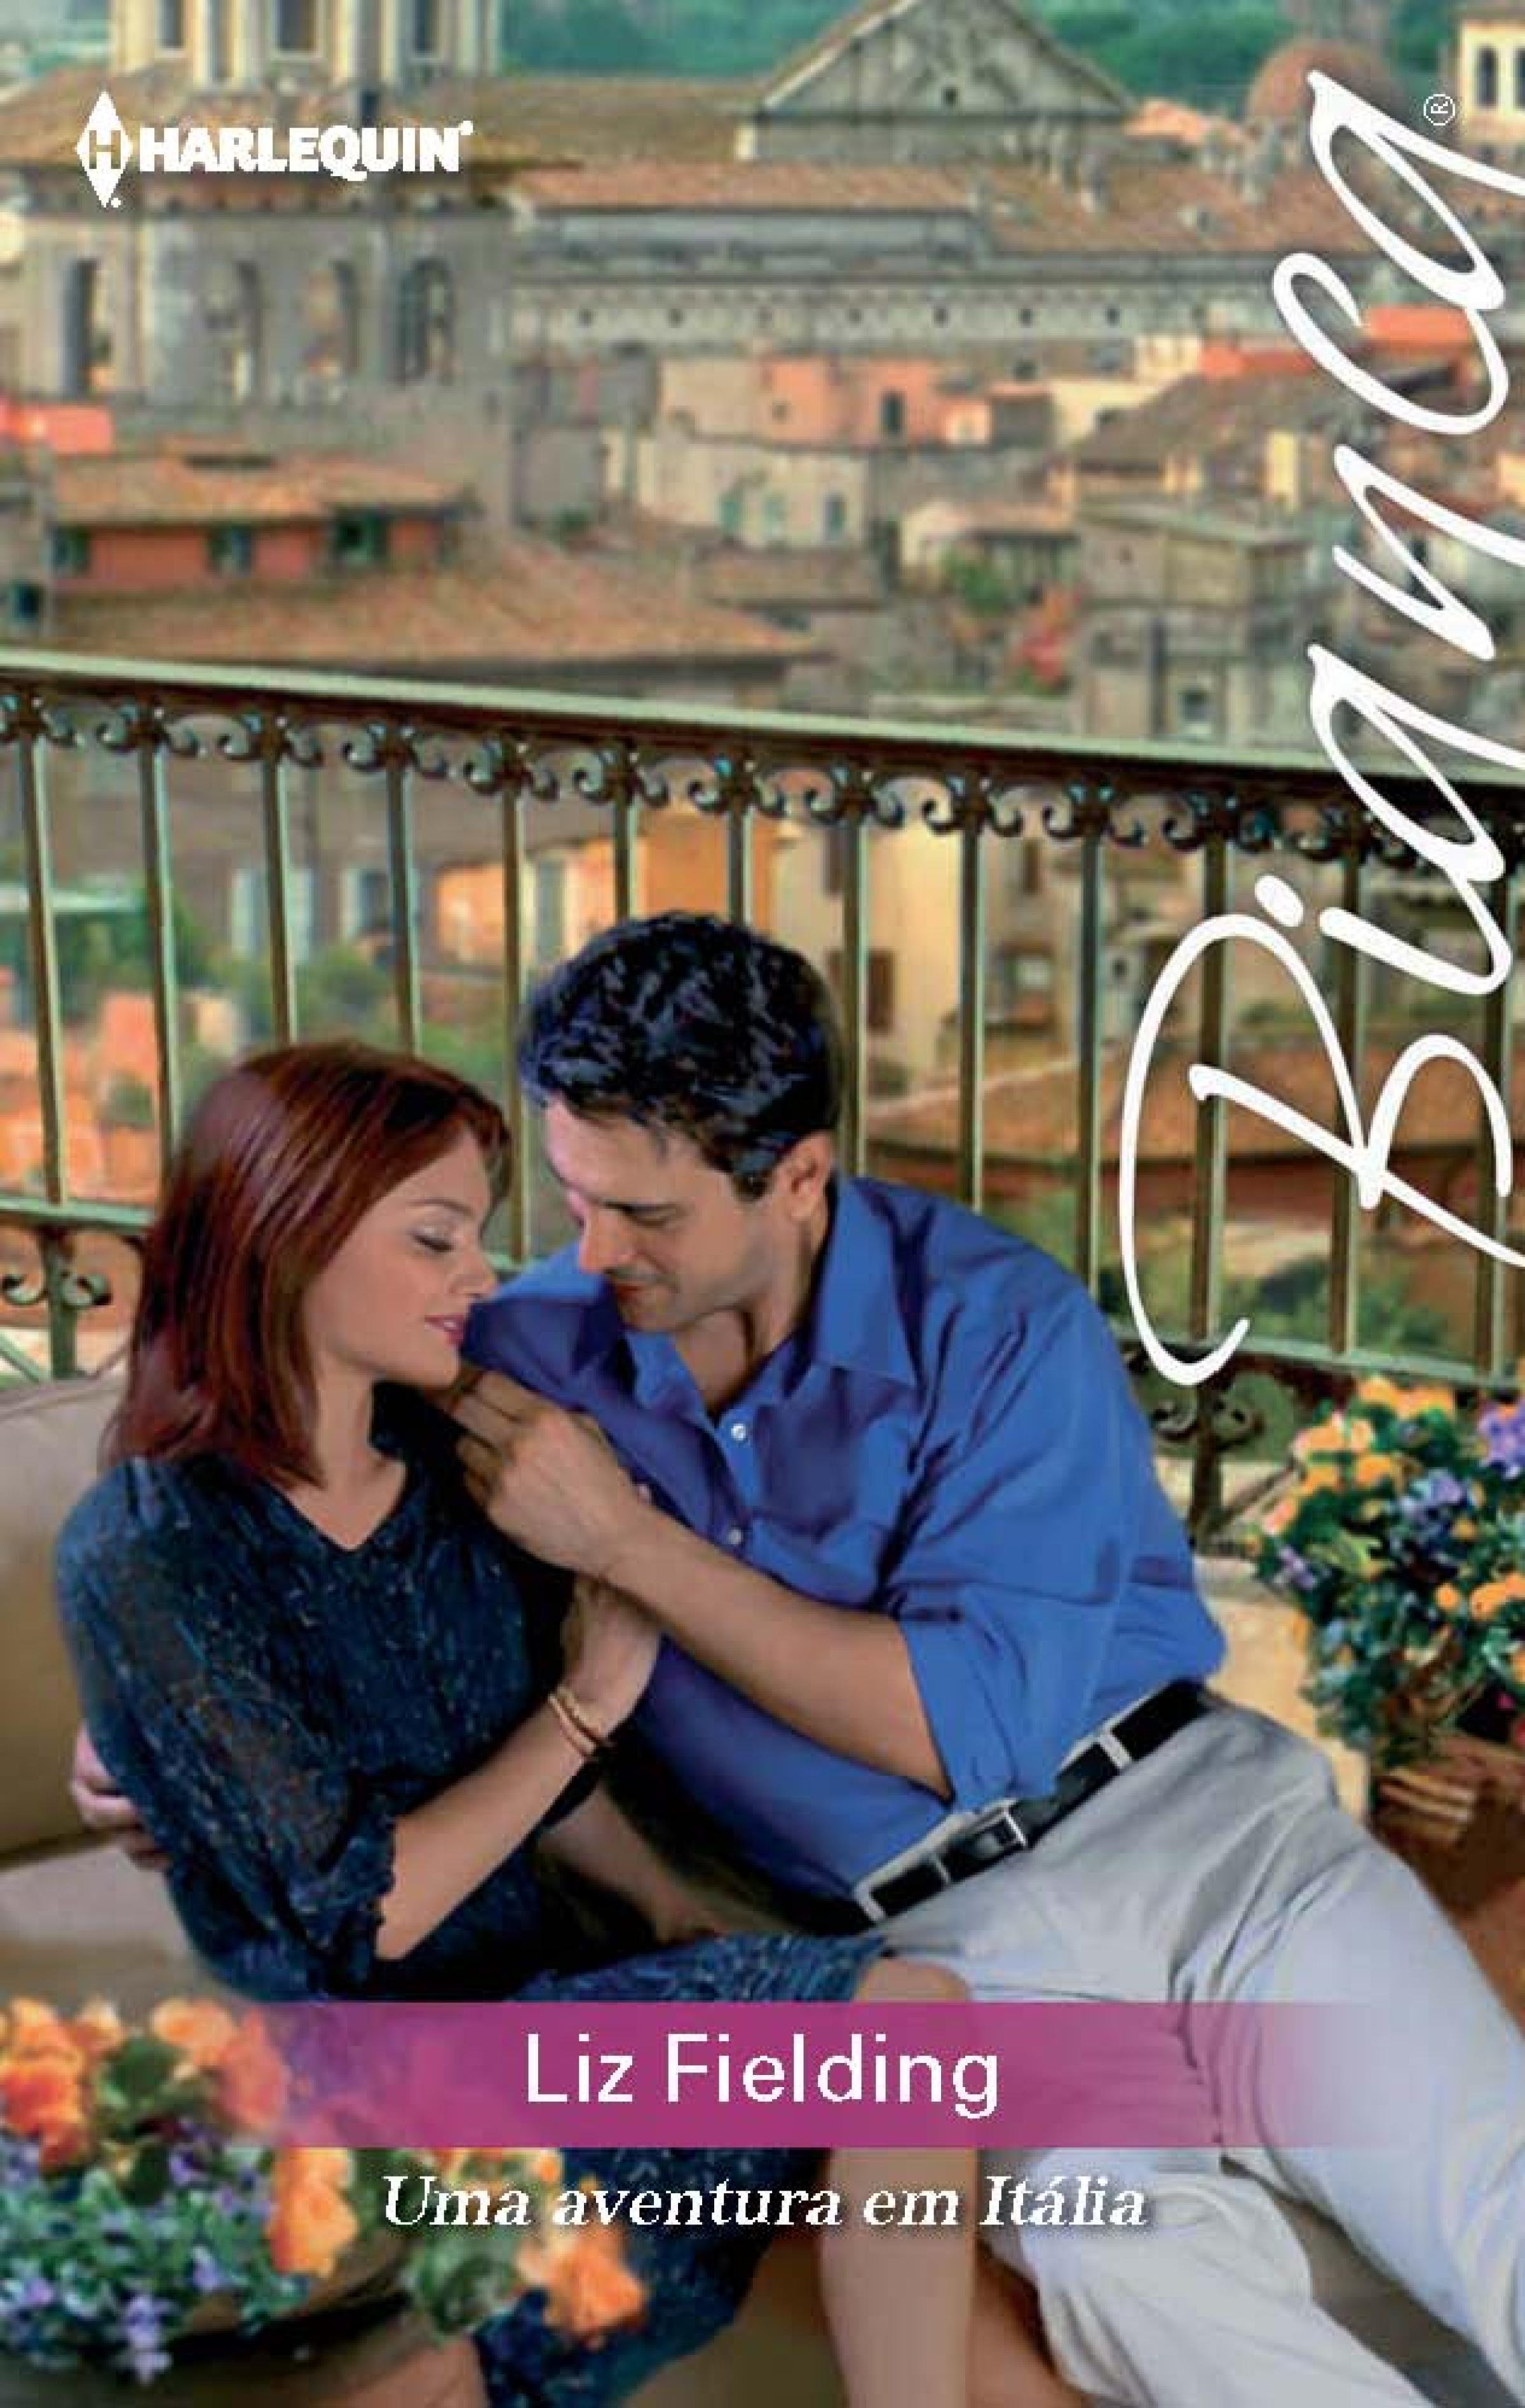 Liz Fielding Uma aventura em itália fielding henry amelia 1